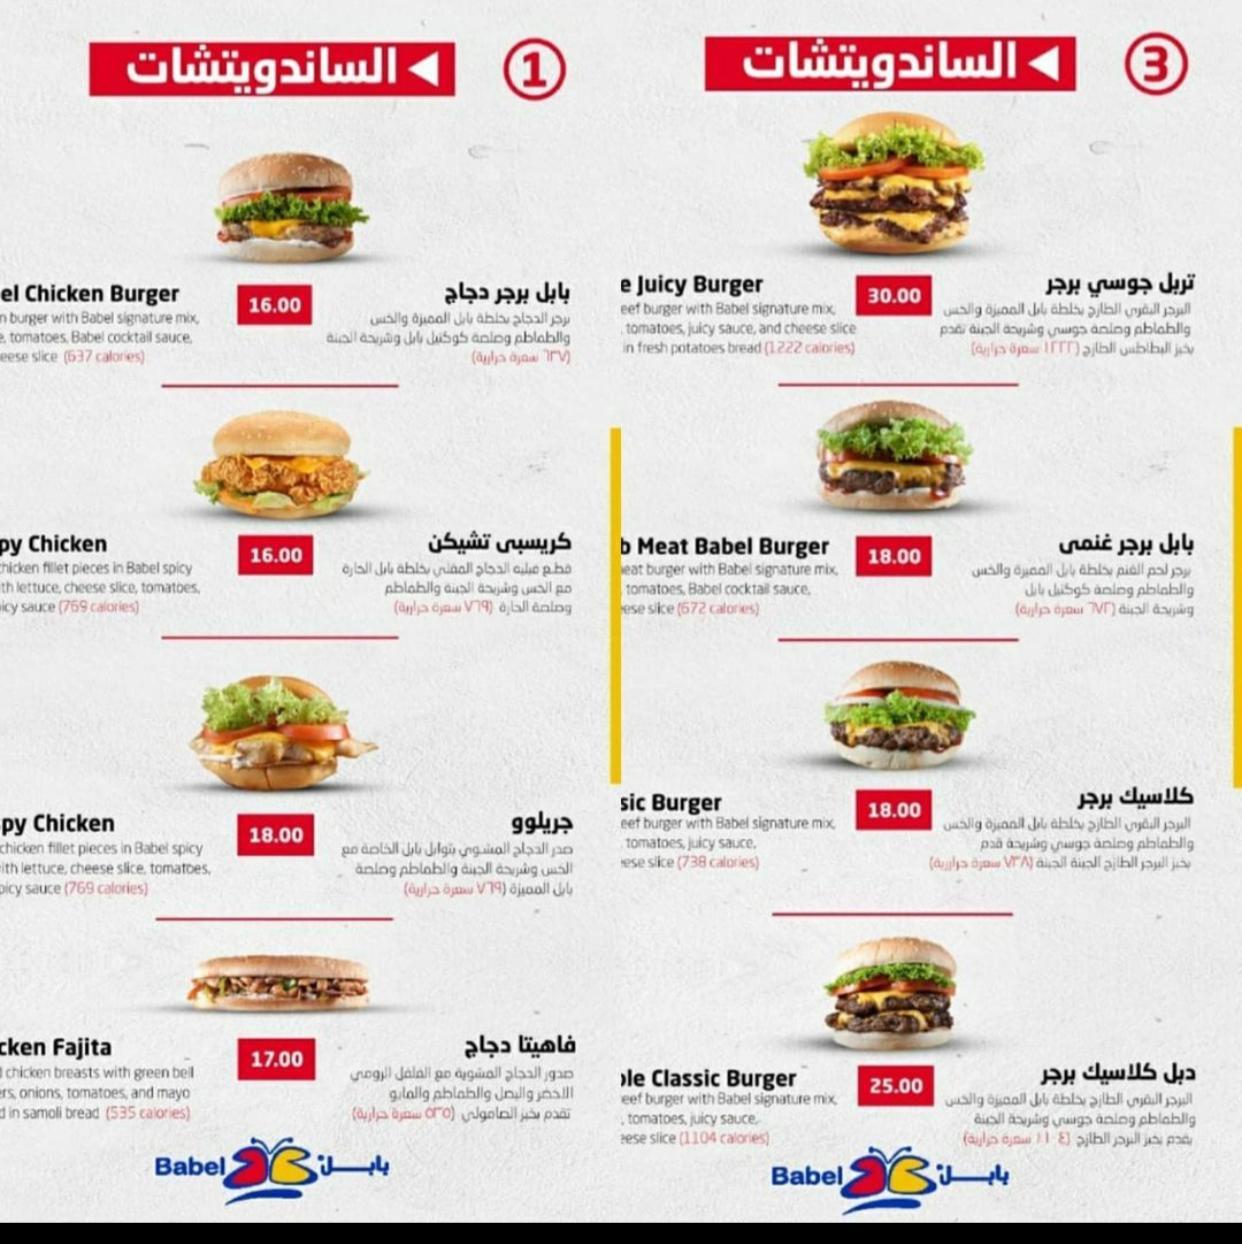 منيو مطعم بابل الأسعار المنيو الموقع كافيهات و مطاعم السعودية